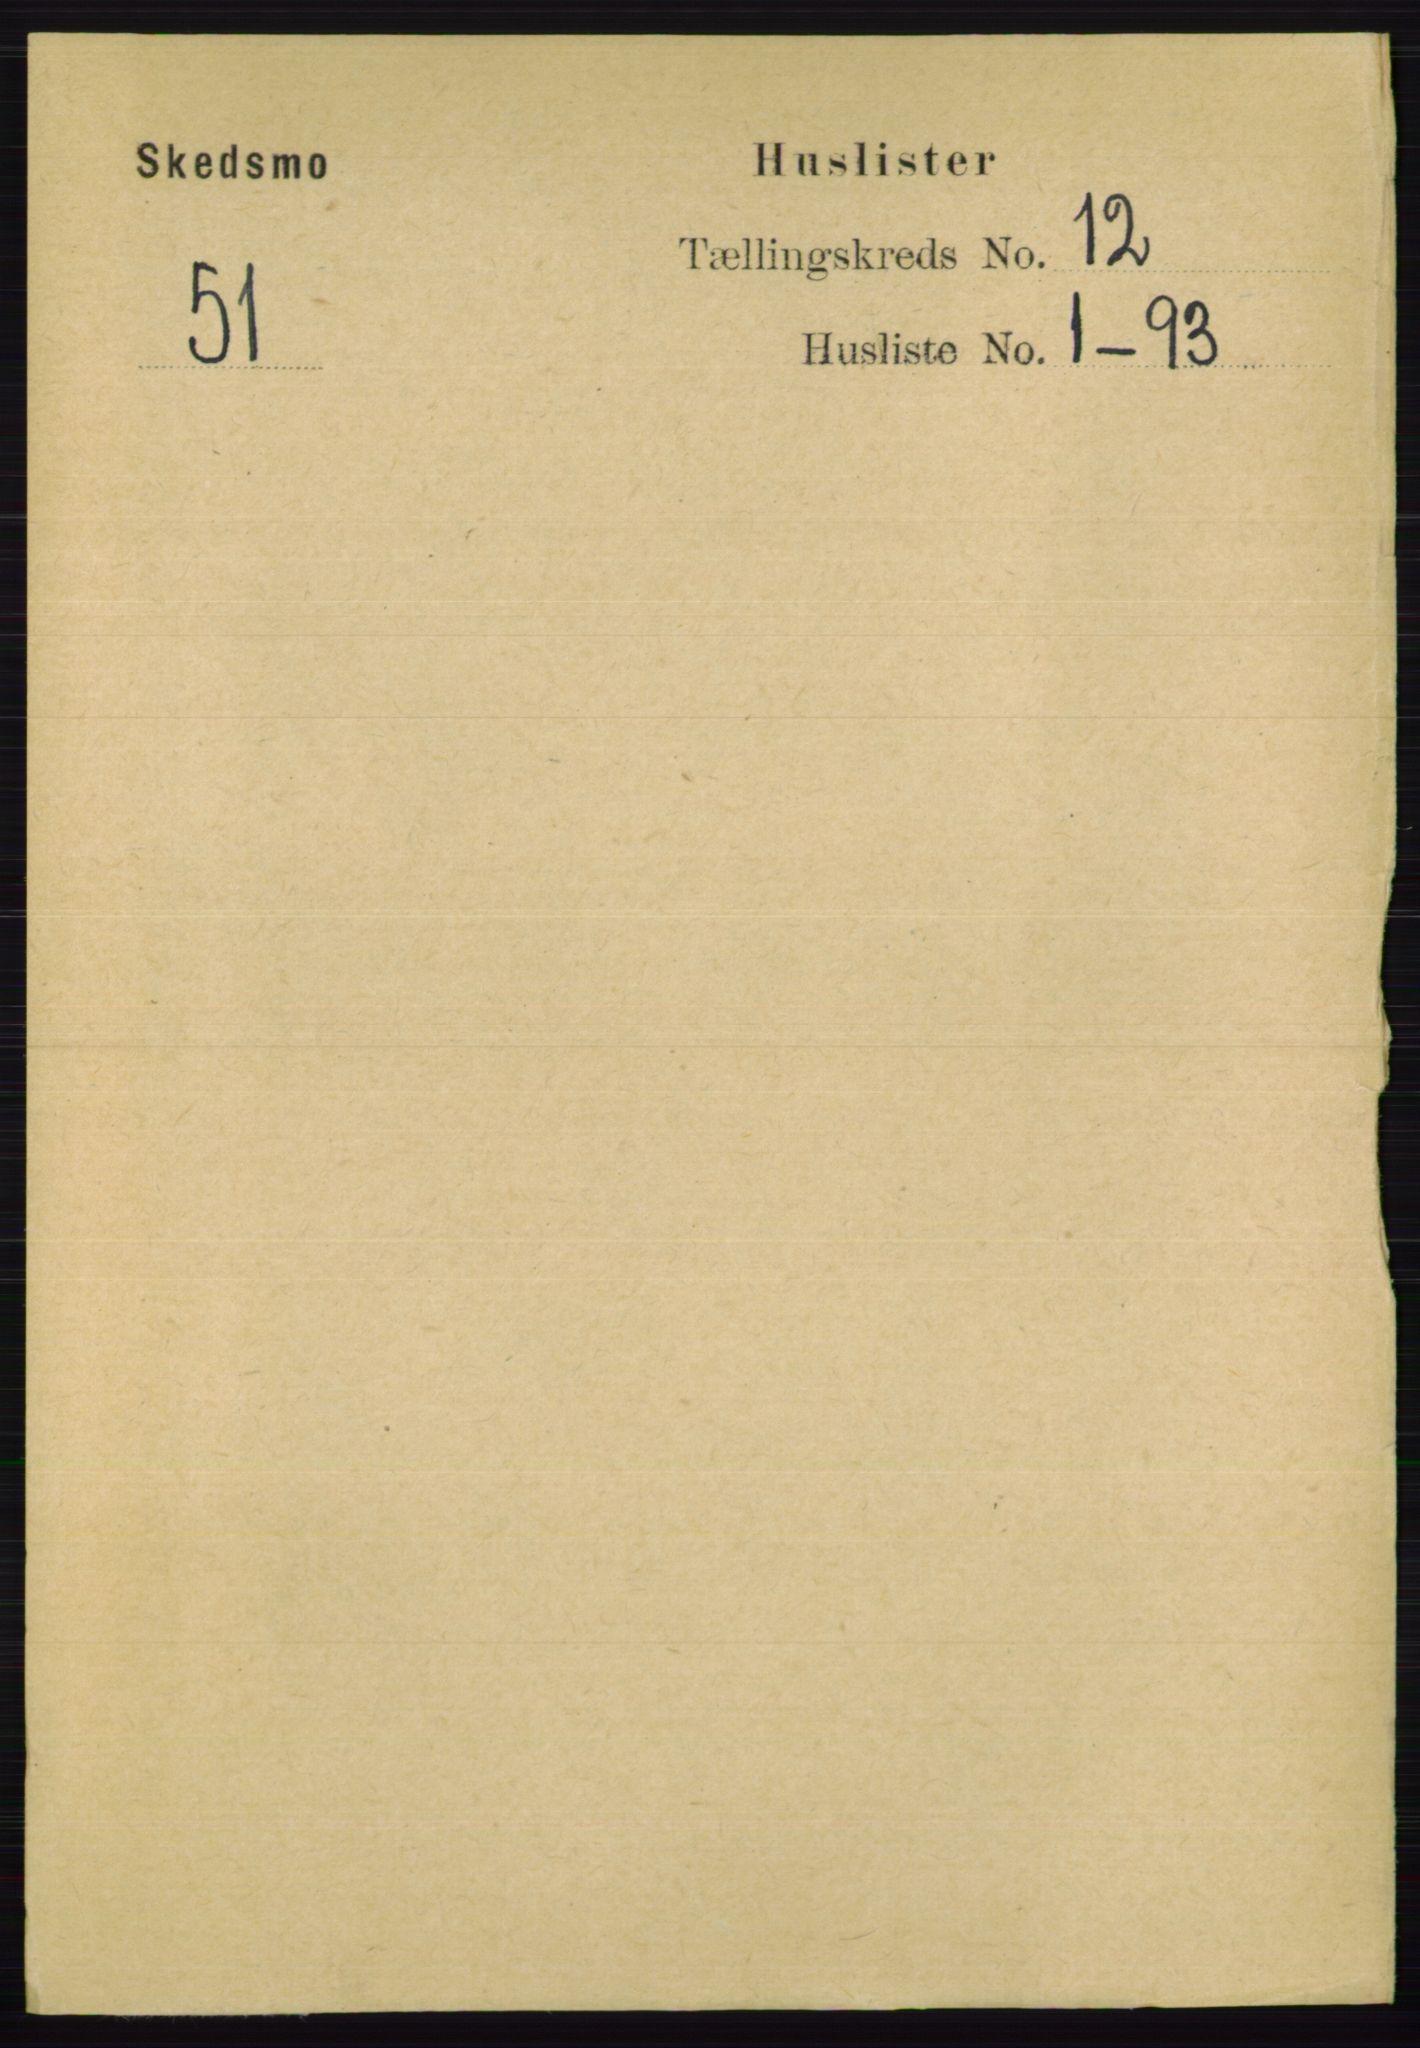 RA, Folketelling 1891 for 0231 Skedsmo herred, 1891, s. 6688